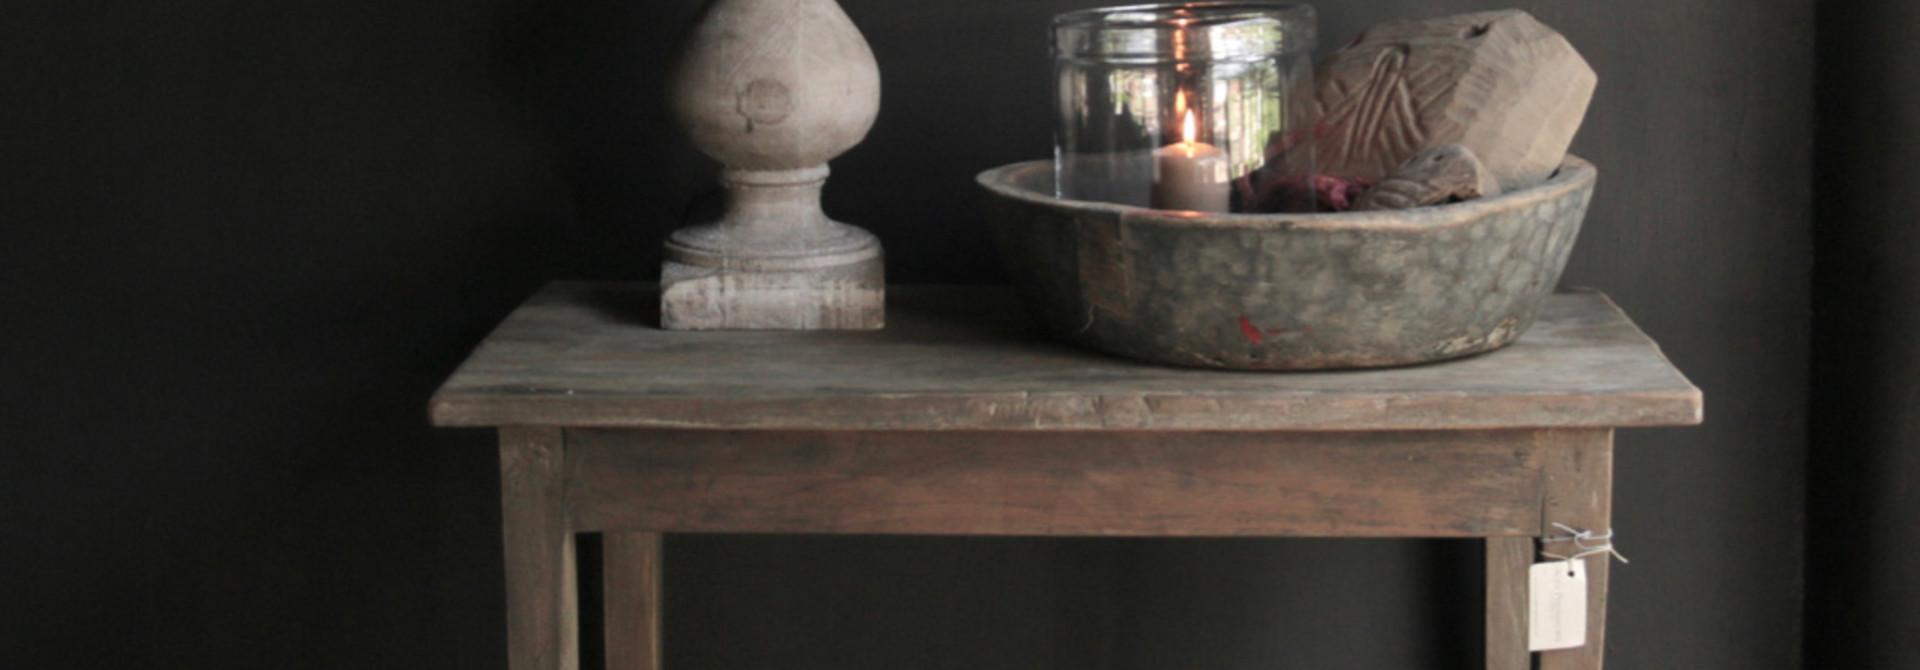 Oud Authentiek stoer klein driftwood  houten tafeltje